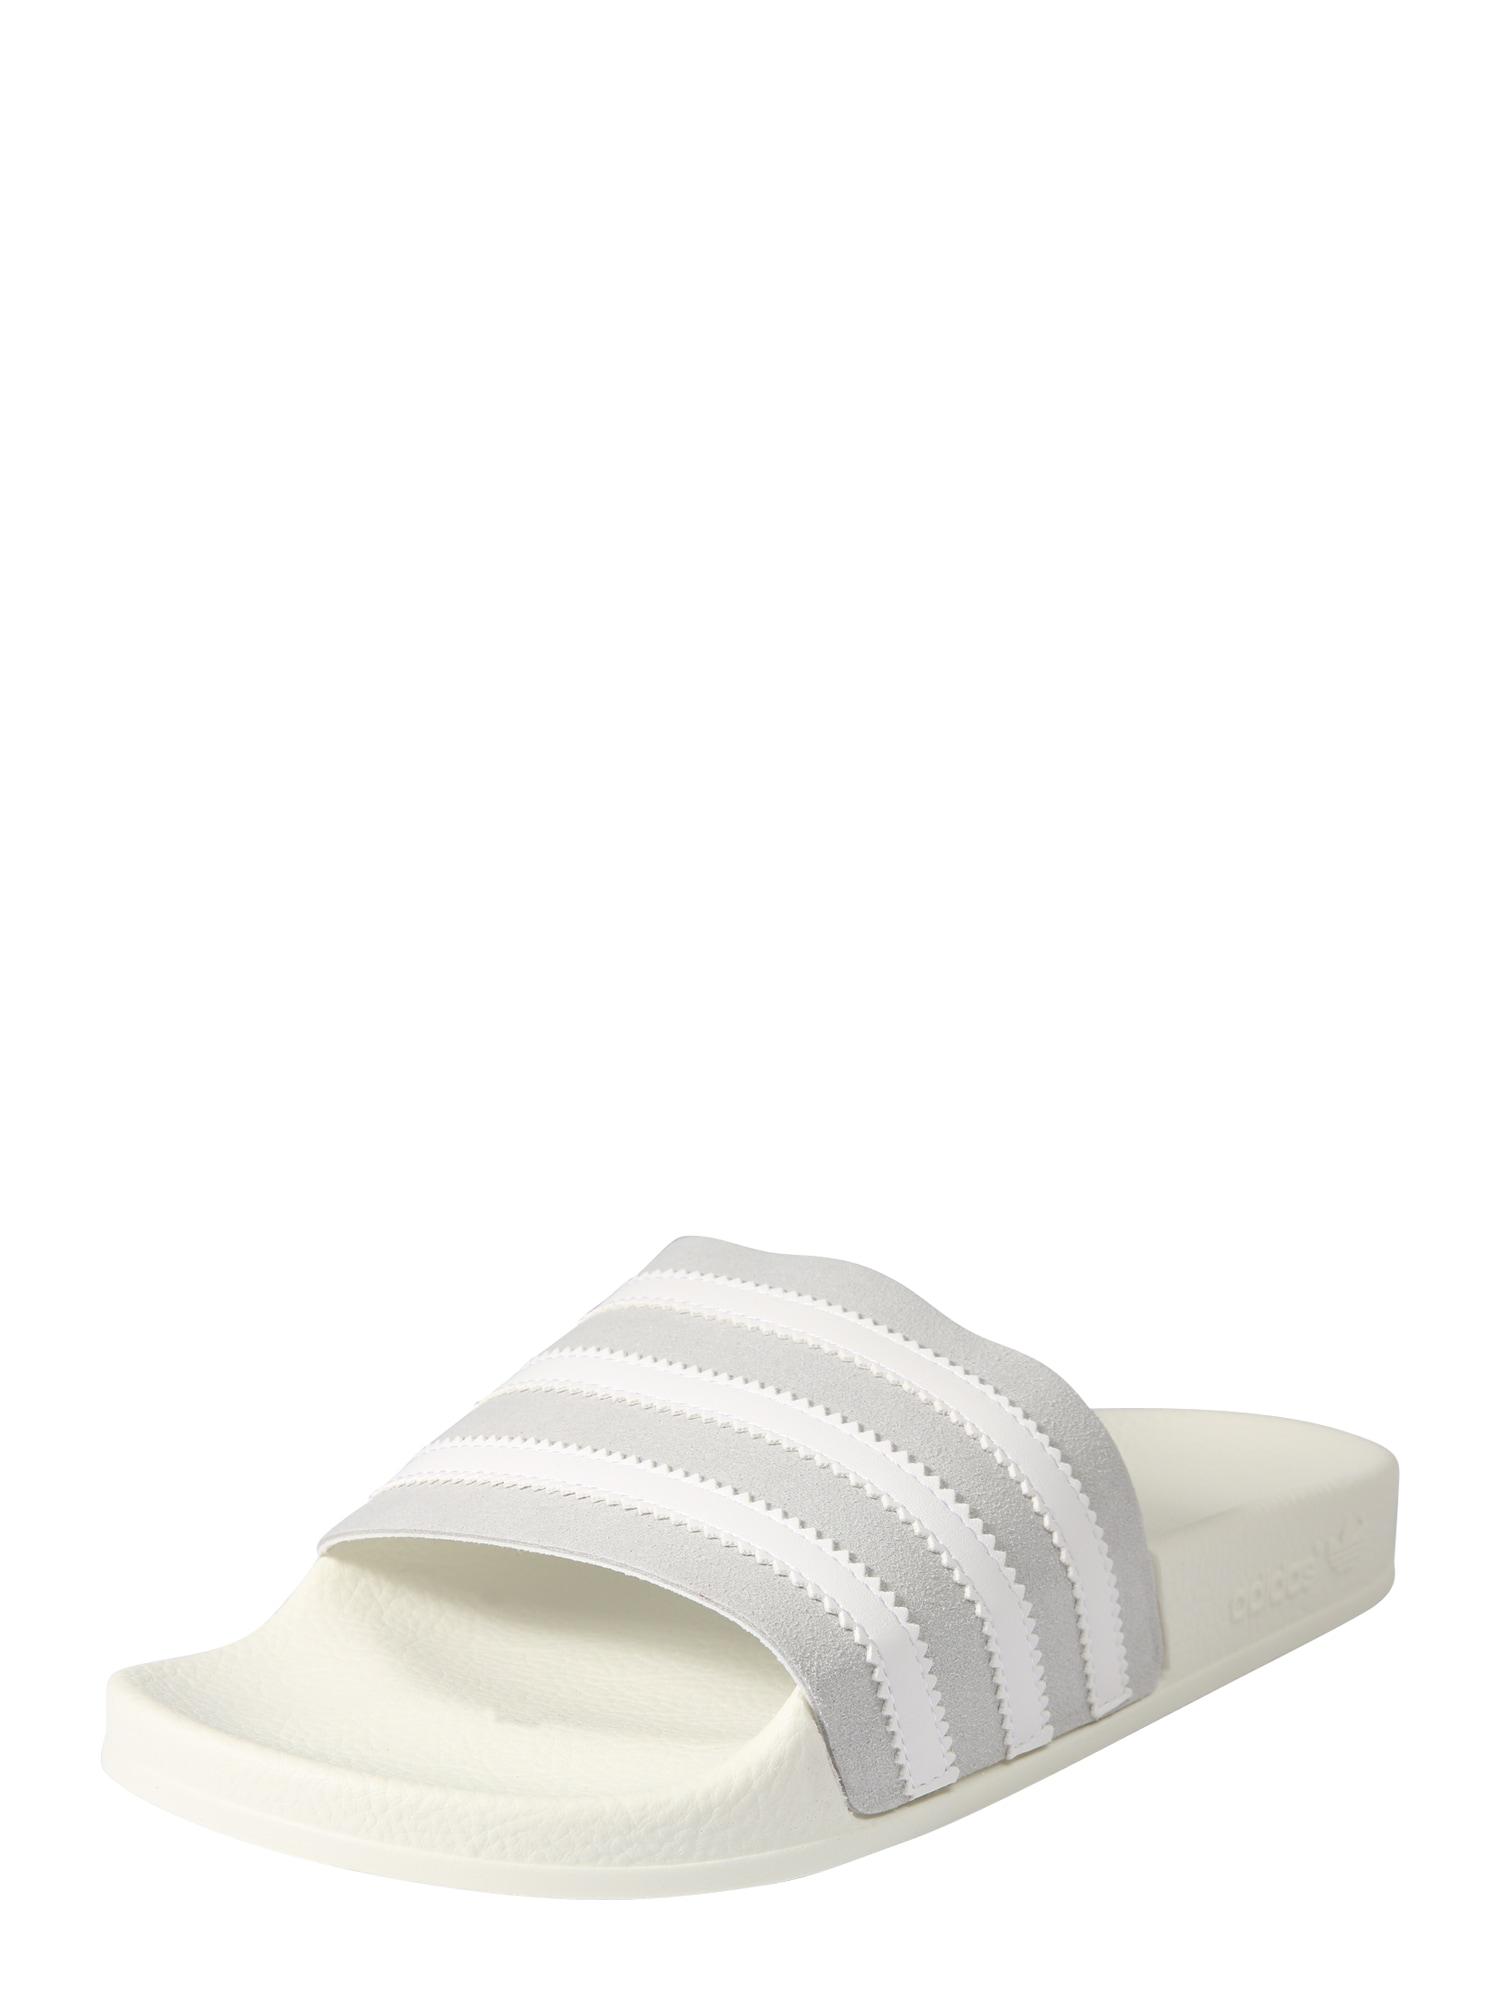 Plážovákoupací obuv světle šedá bílá ADIDAS ORIGINALS